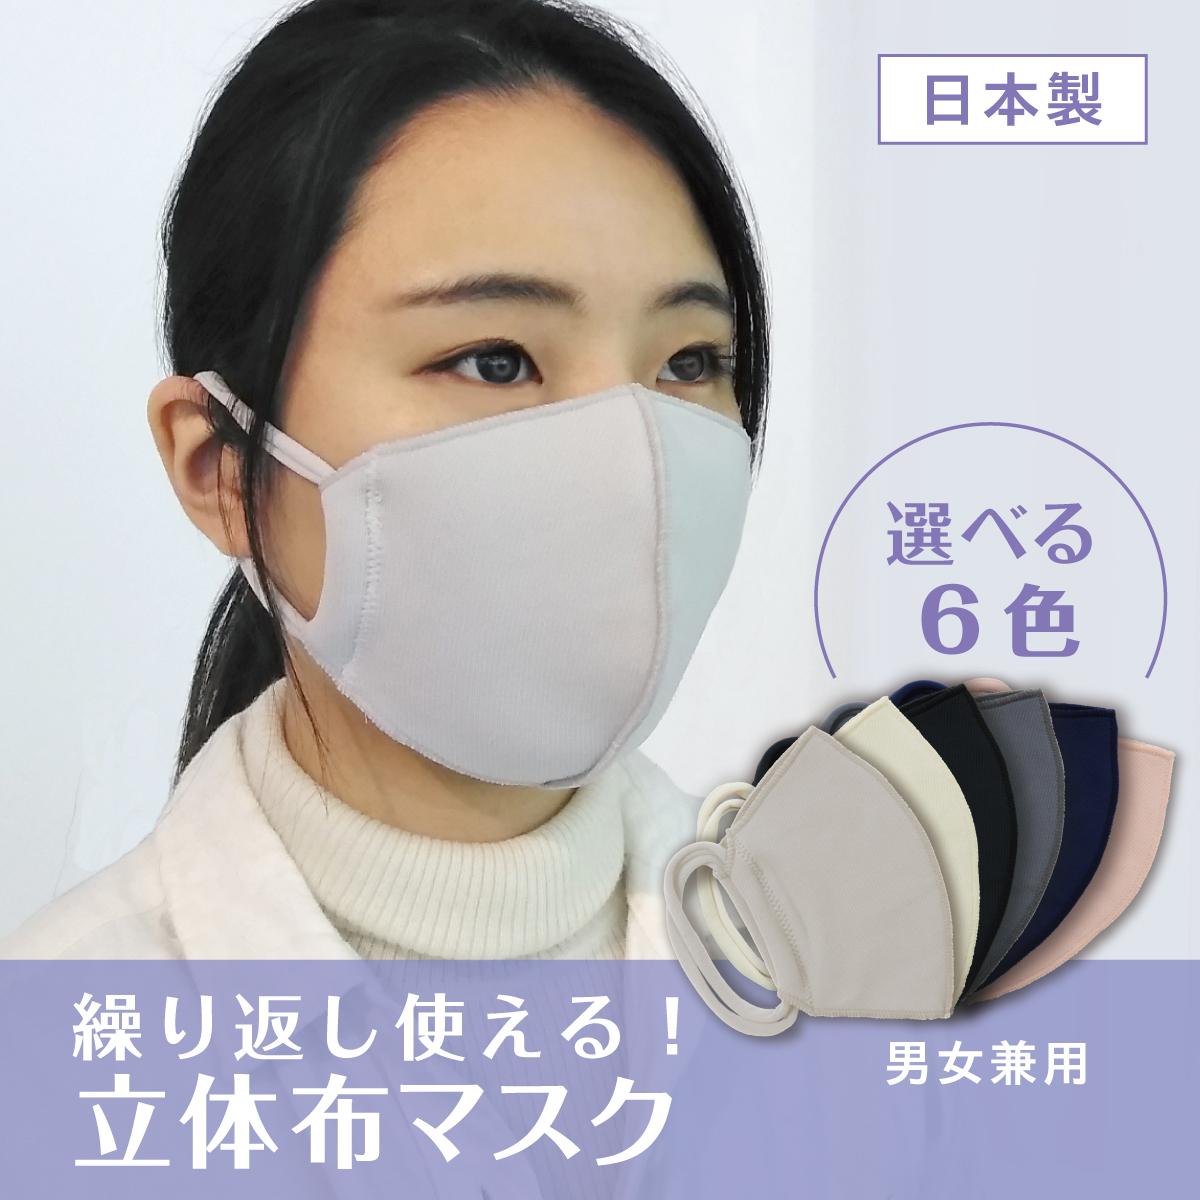 富樫 縫製 マスク 通販 サイト